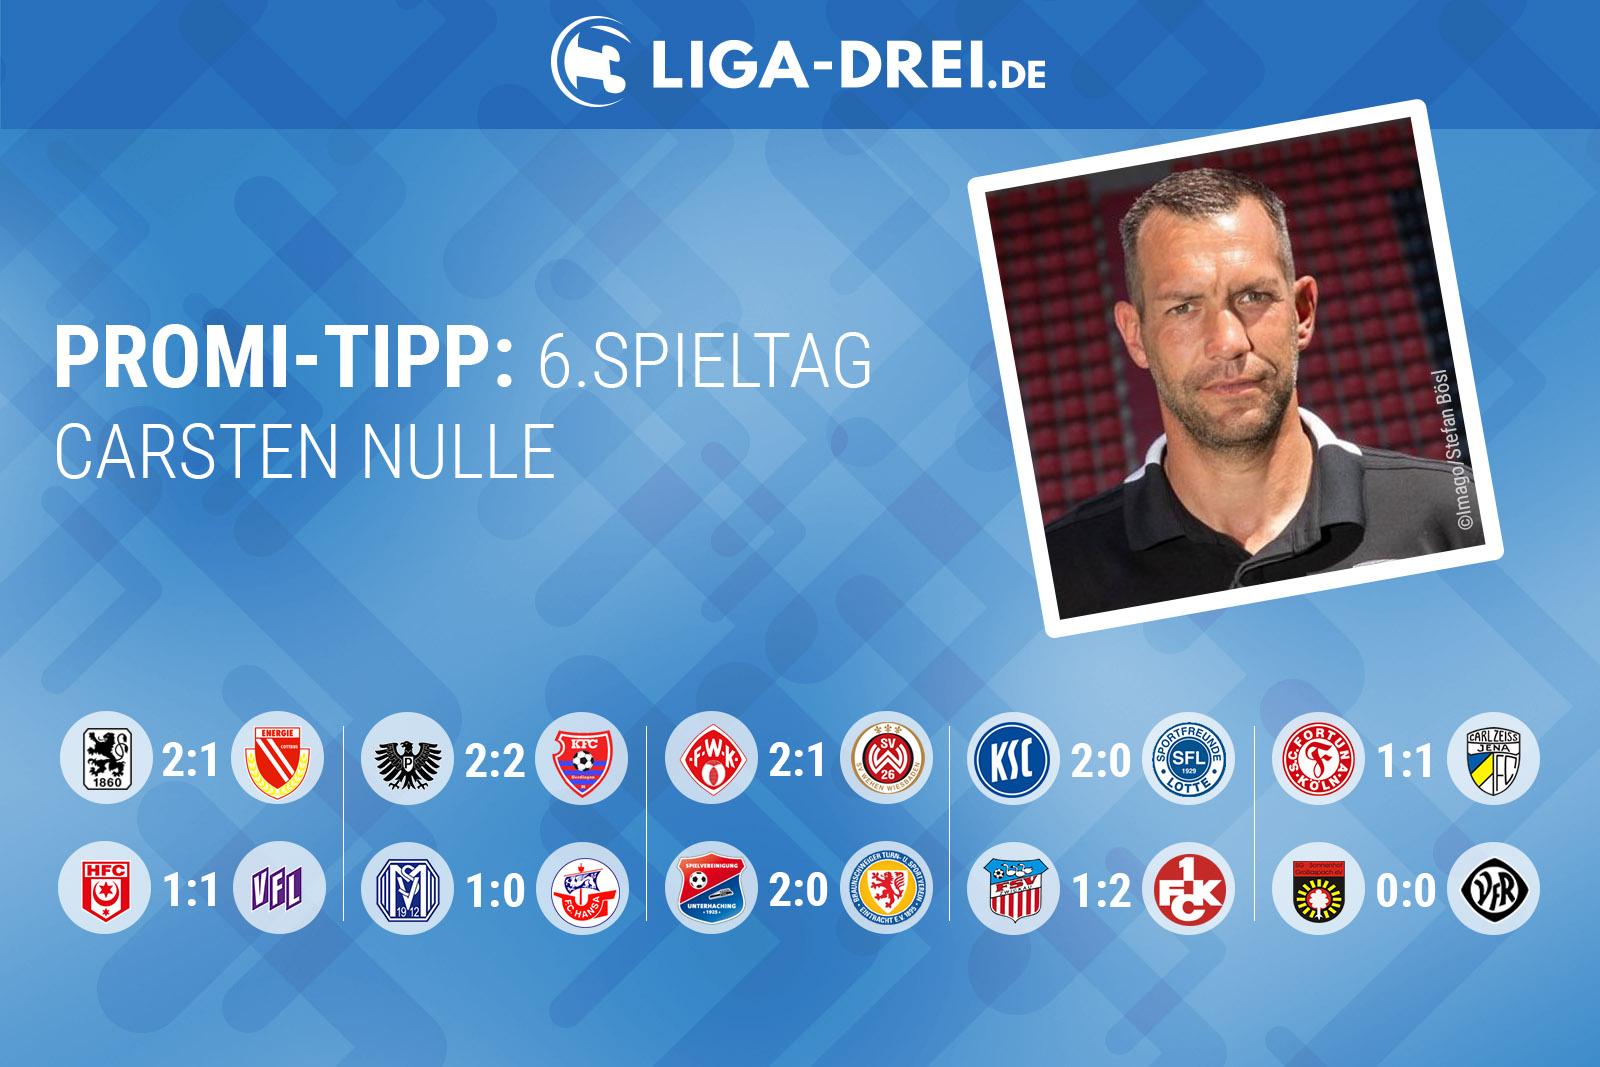 Carsten Nulle beim Promi-Tipp von Liga-Drei.de